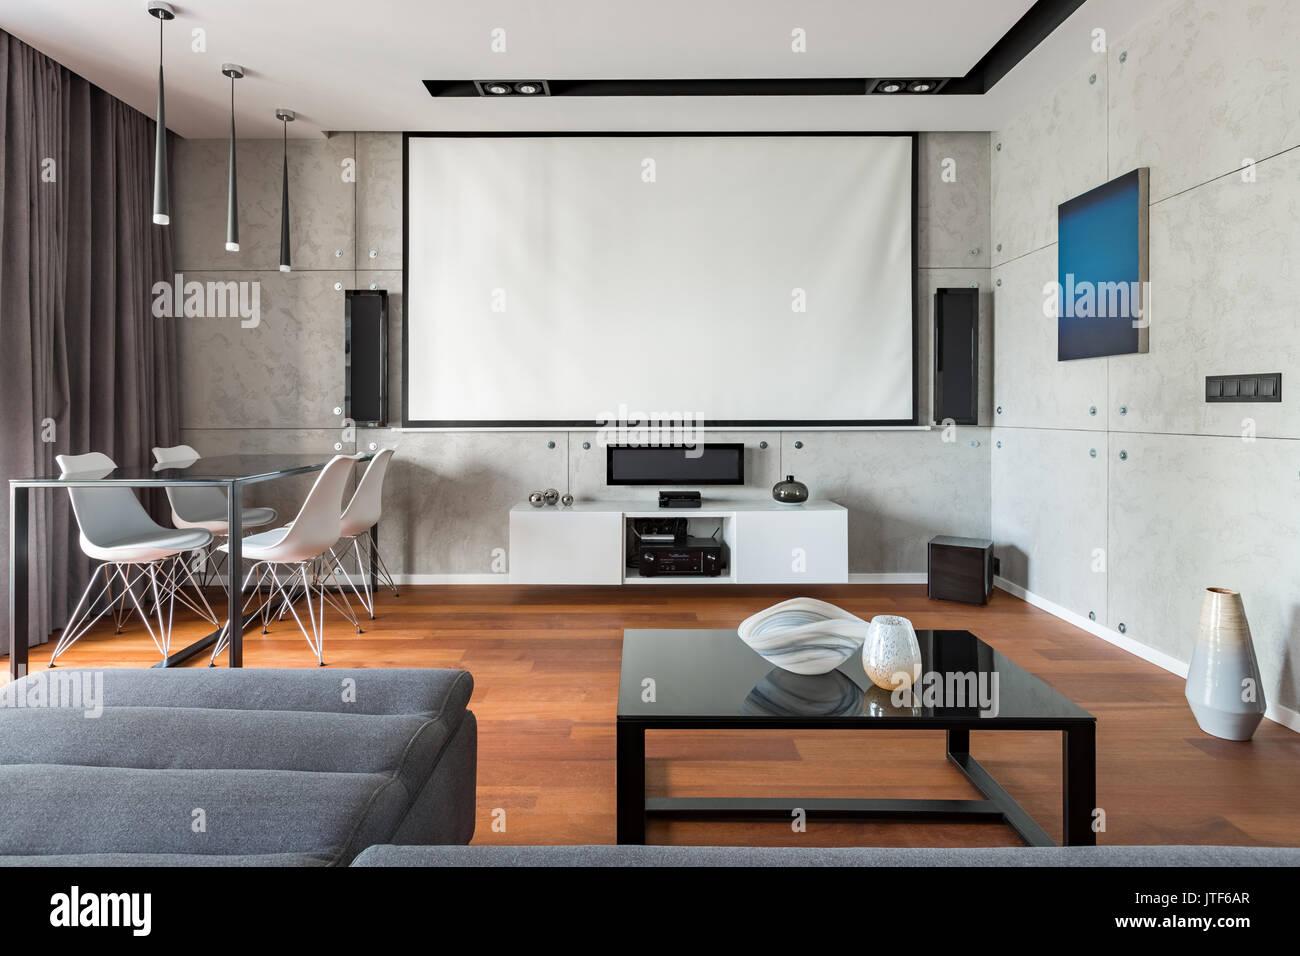 Home Interieur mit Leinwand, Tisch, Stühle und Schrank Stockfoto ...